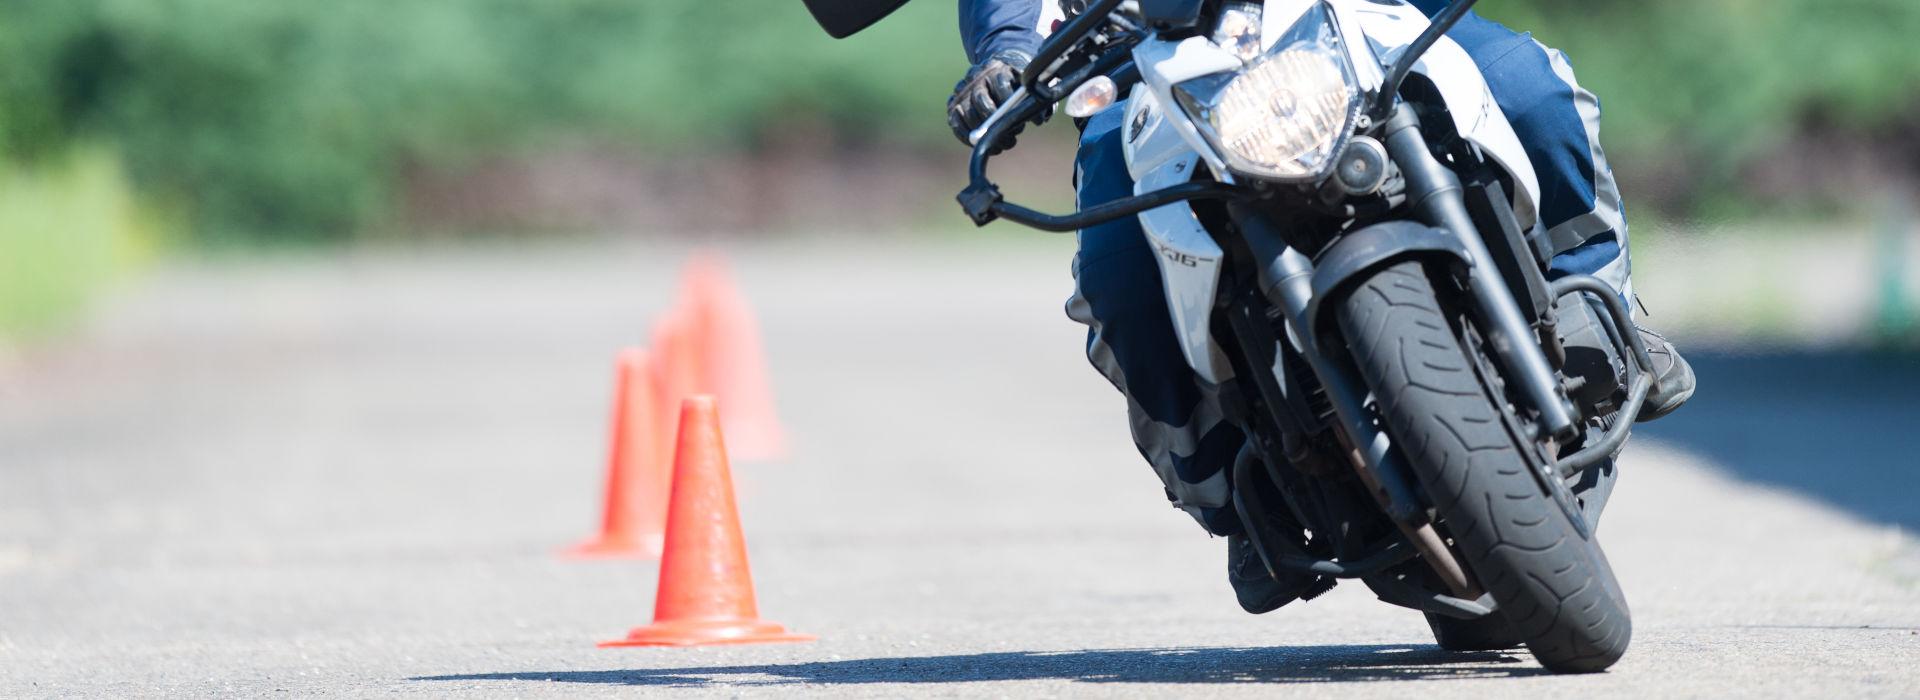 Motorrijbewijspoint Krimpen aan den IJssel motor rijvaardigheid